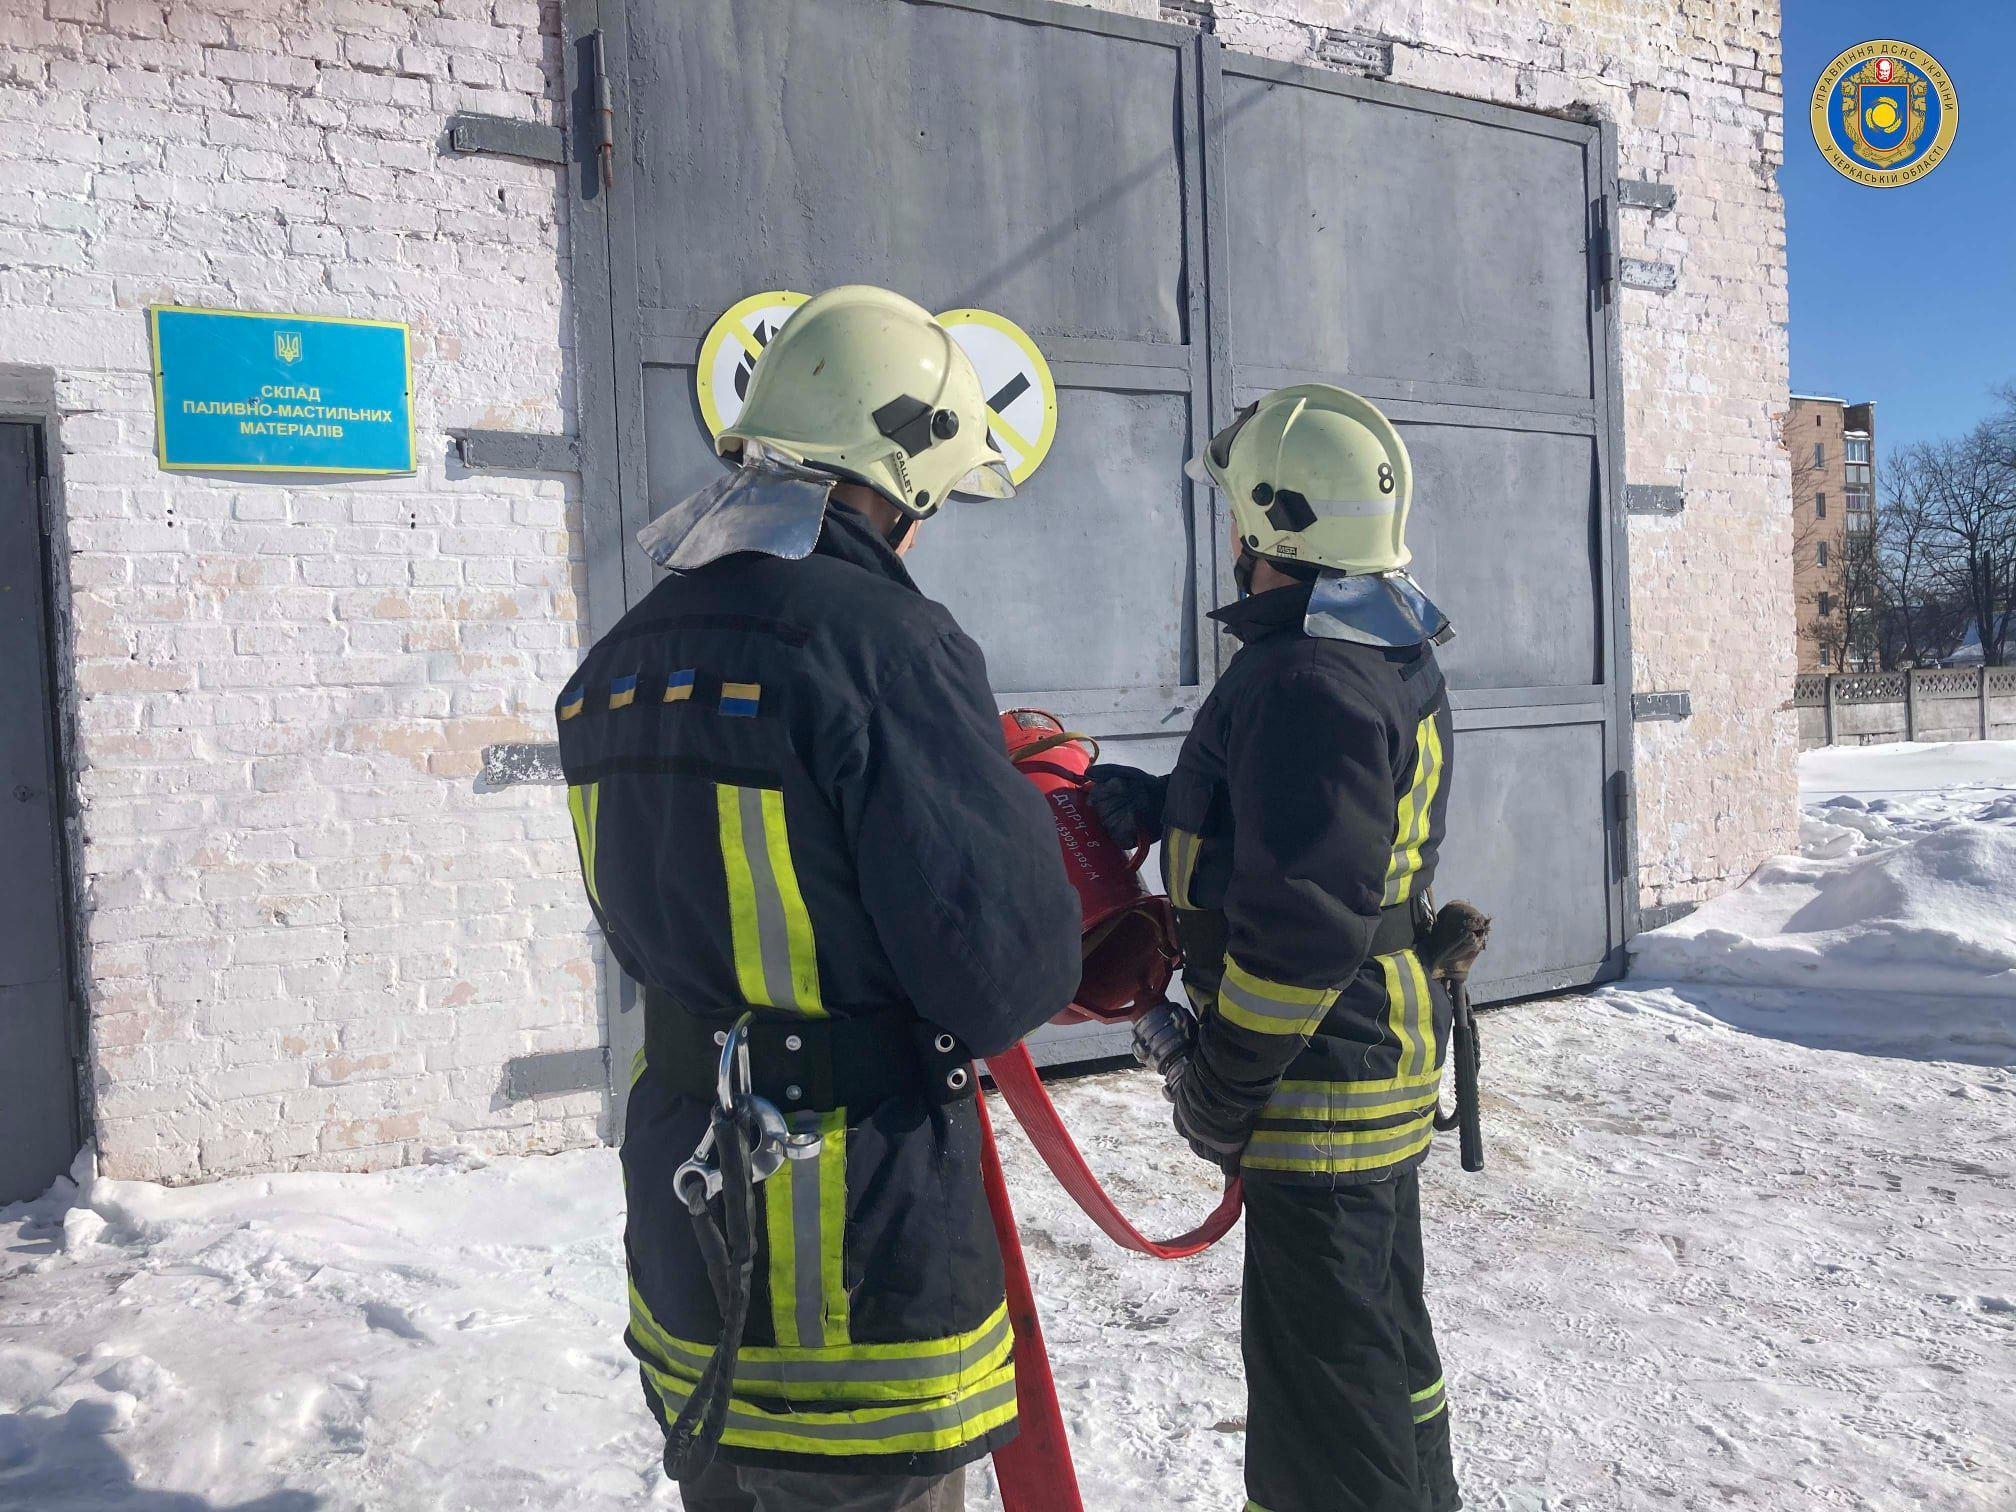 Рятувальники провели навчання з гасінням легкозаймистих речовин